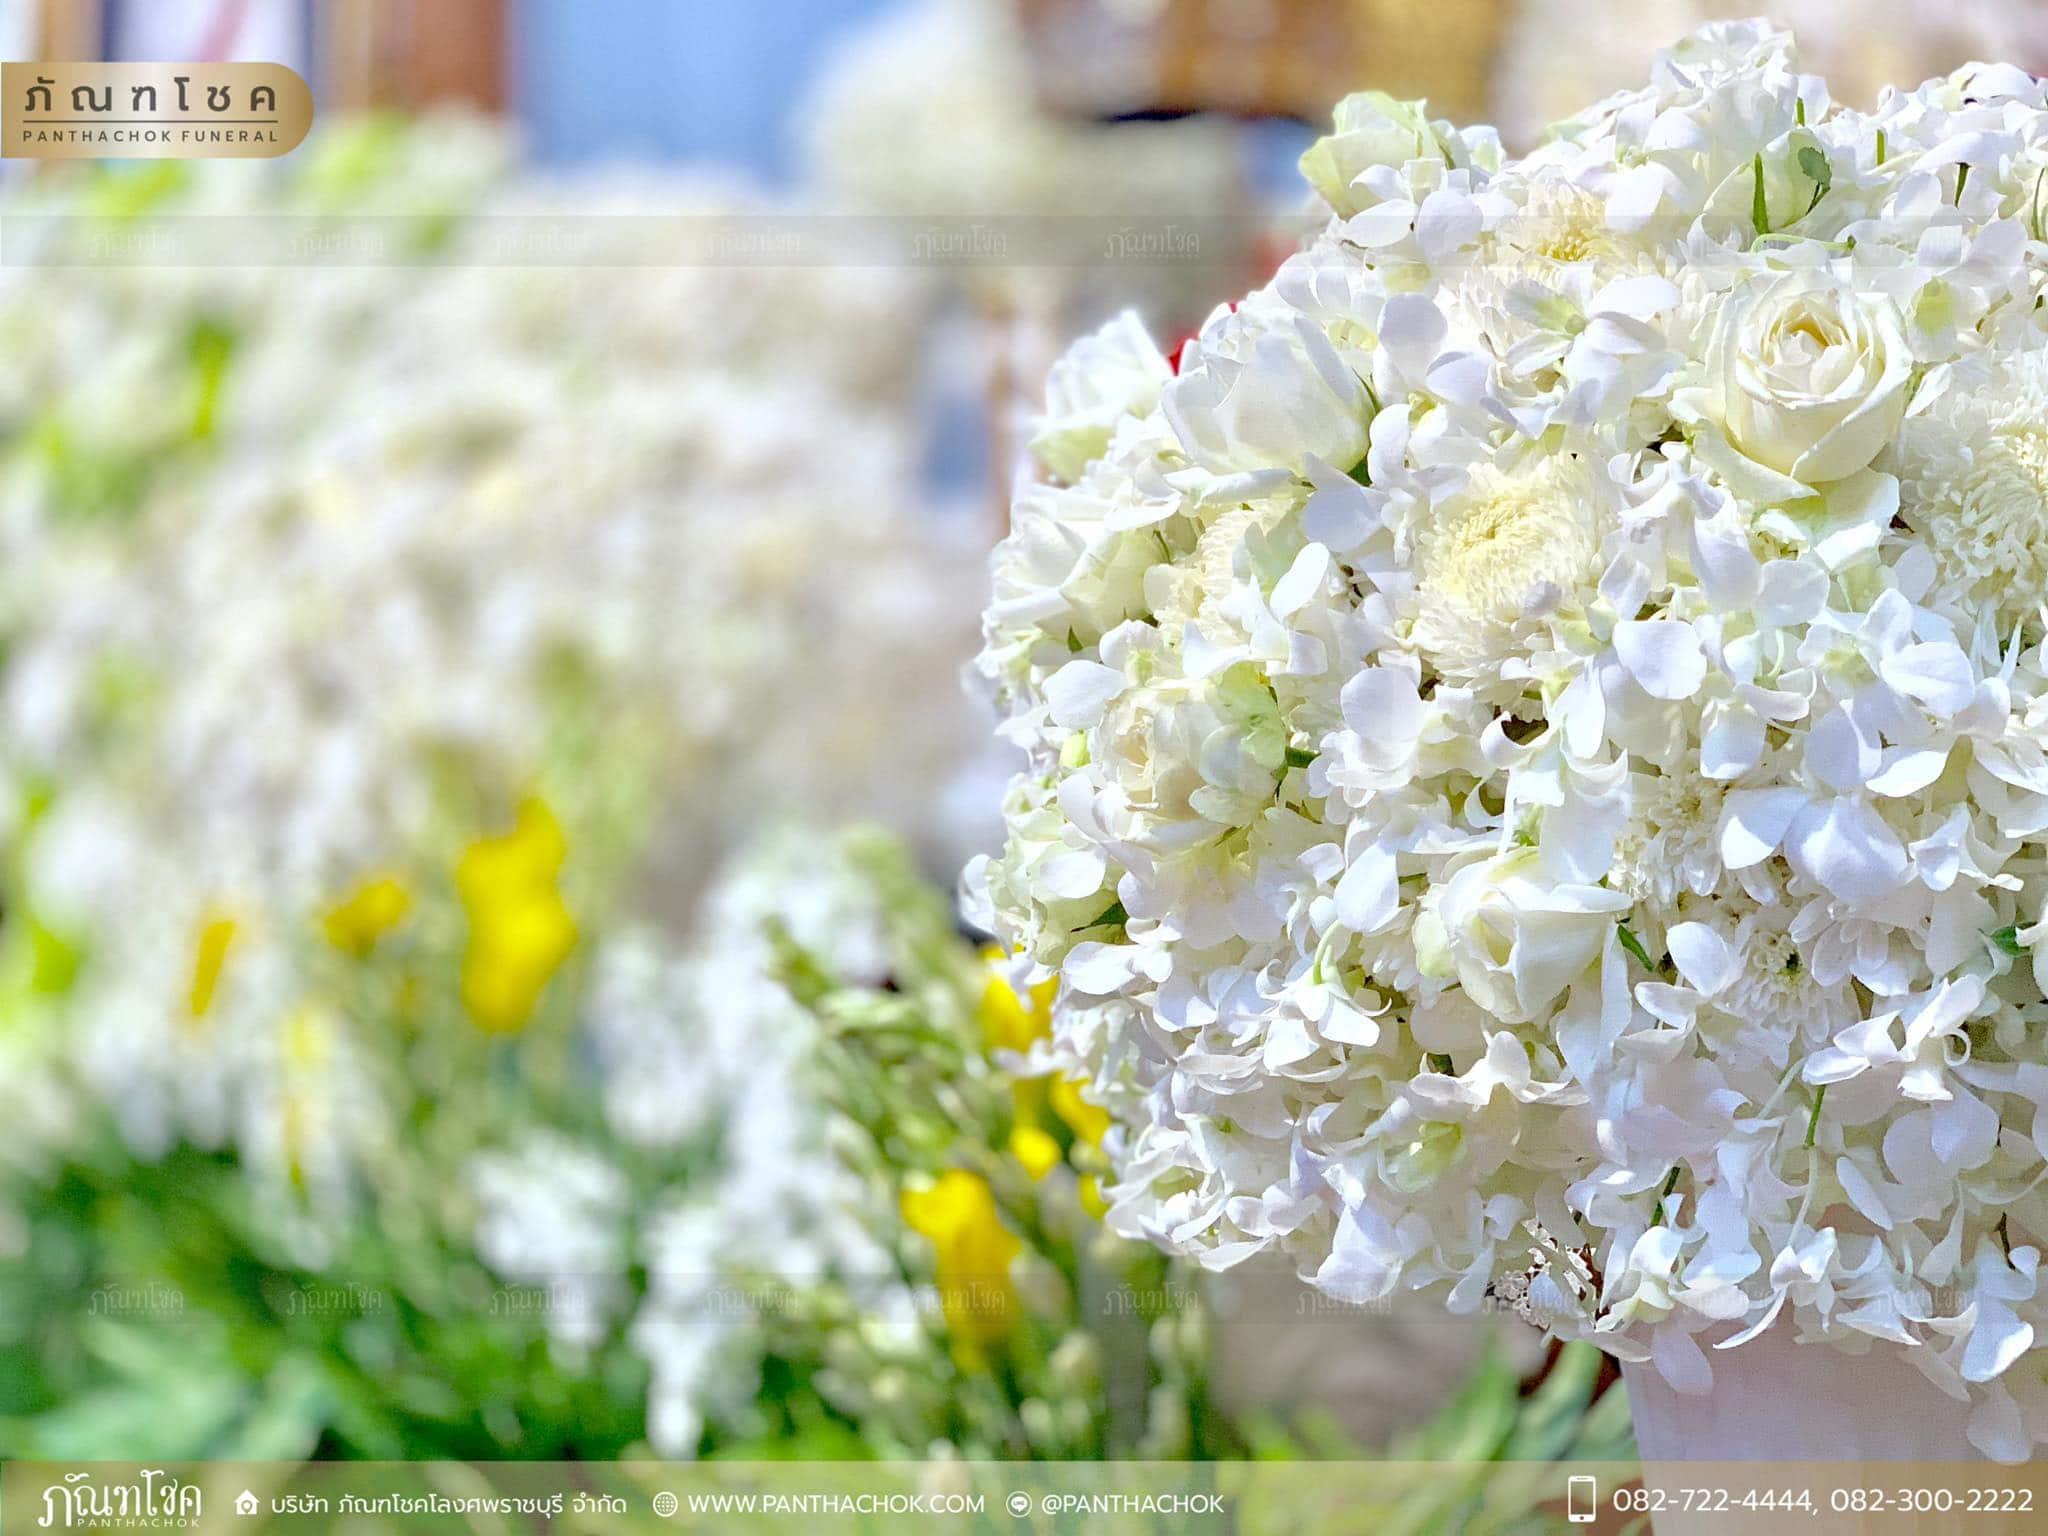 ดอกไม้ประดับหน้าโกศ อดีตผู้ว่าราชการจังหวัดราชบุรี 16